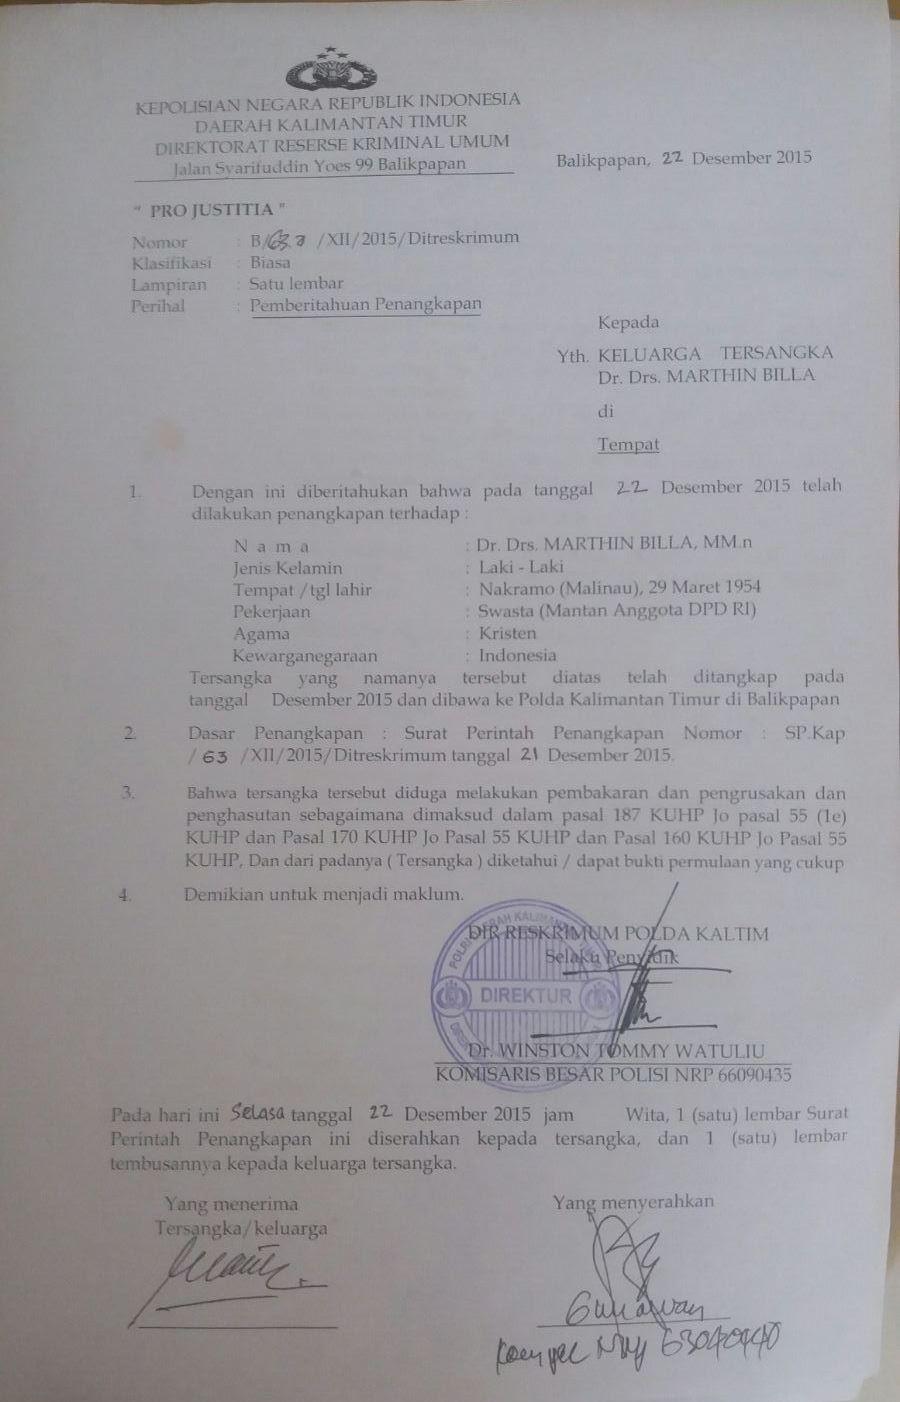 Surat Pemberitahuan Penangkapan yang diberikan kepada keluarga Marthin Billa.